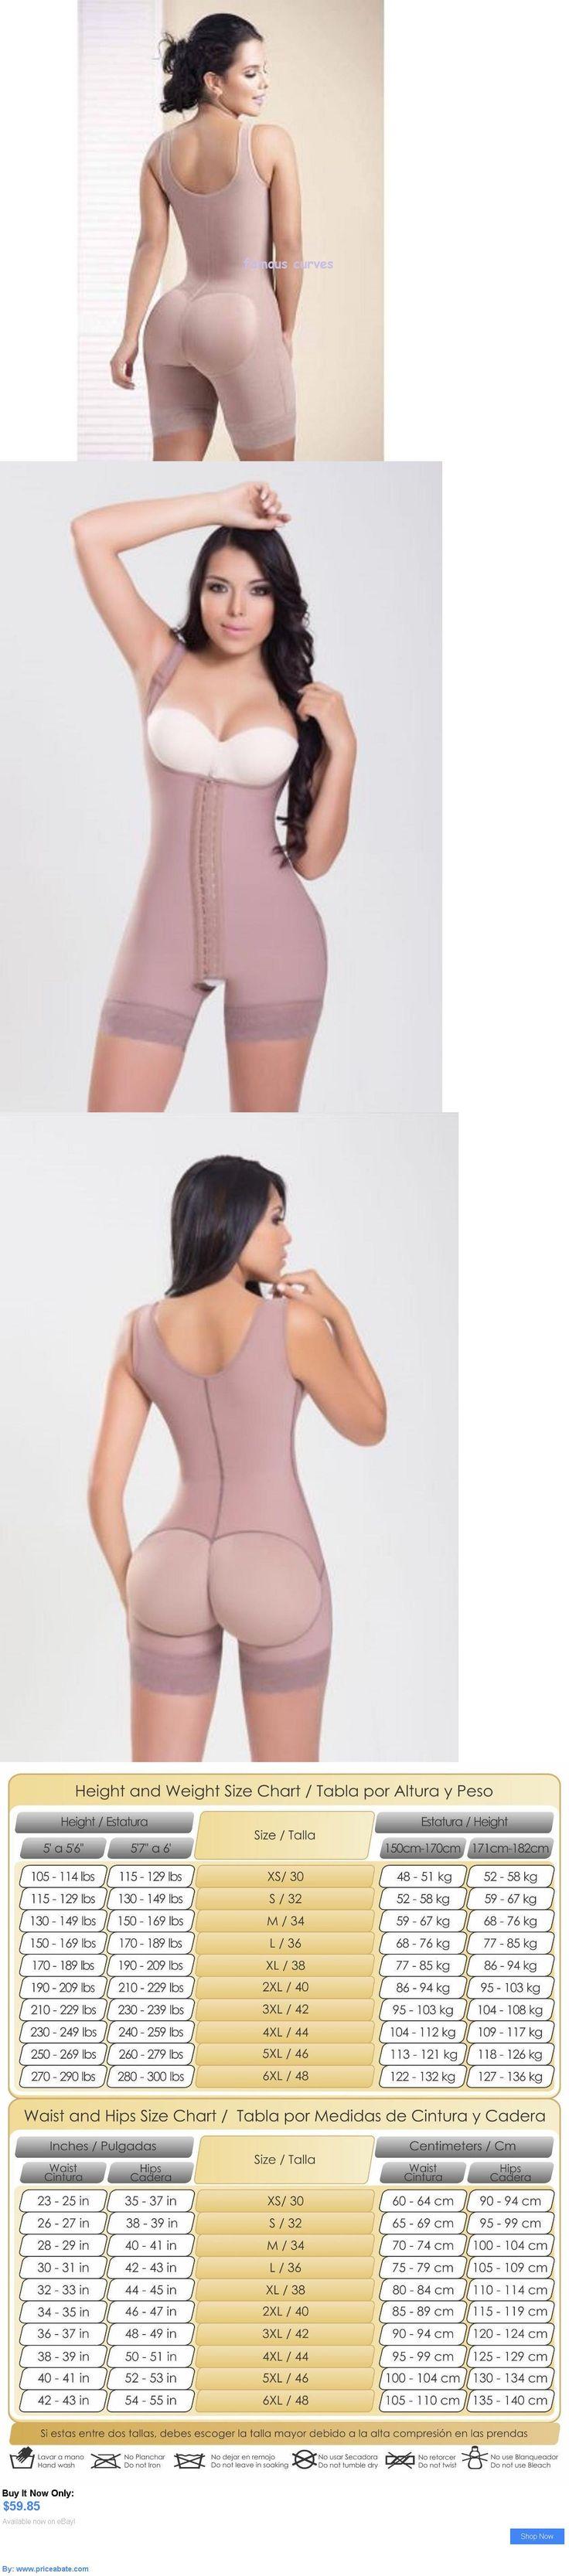 Women Shapewear: Fajas Colombianas Shapewear 3 Hooks Latex Waist Trainer Cincher Faja Reductoras BUY IT NOW ONLY: $59.85 #priceabateWomenShapewear OR #priceabate